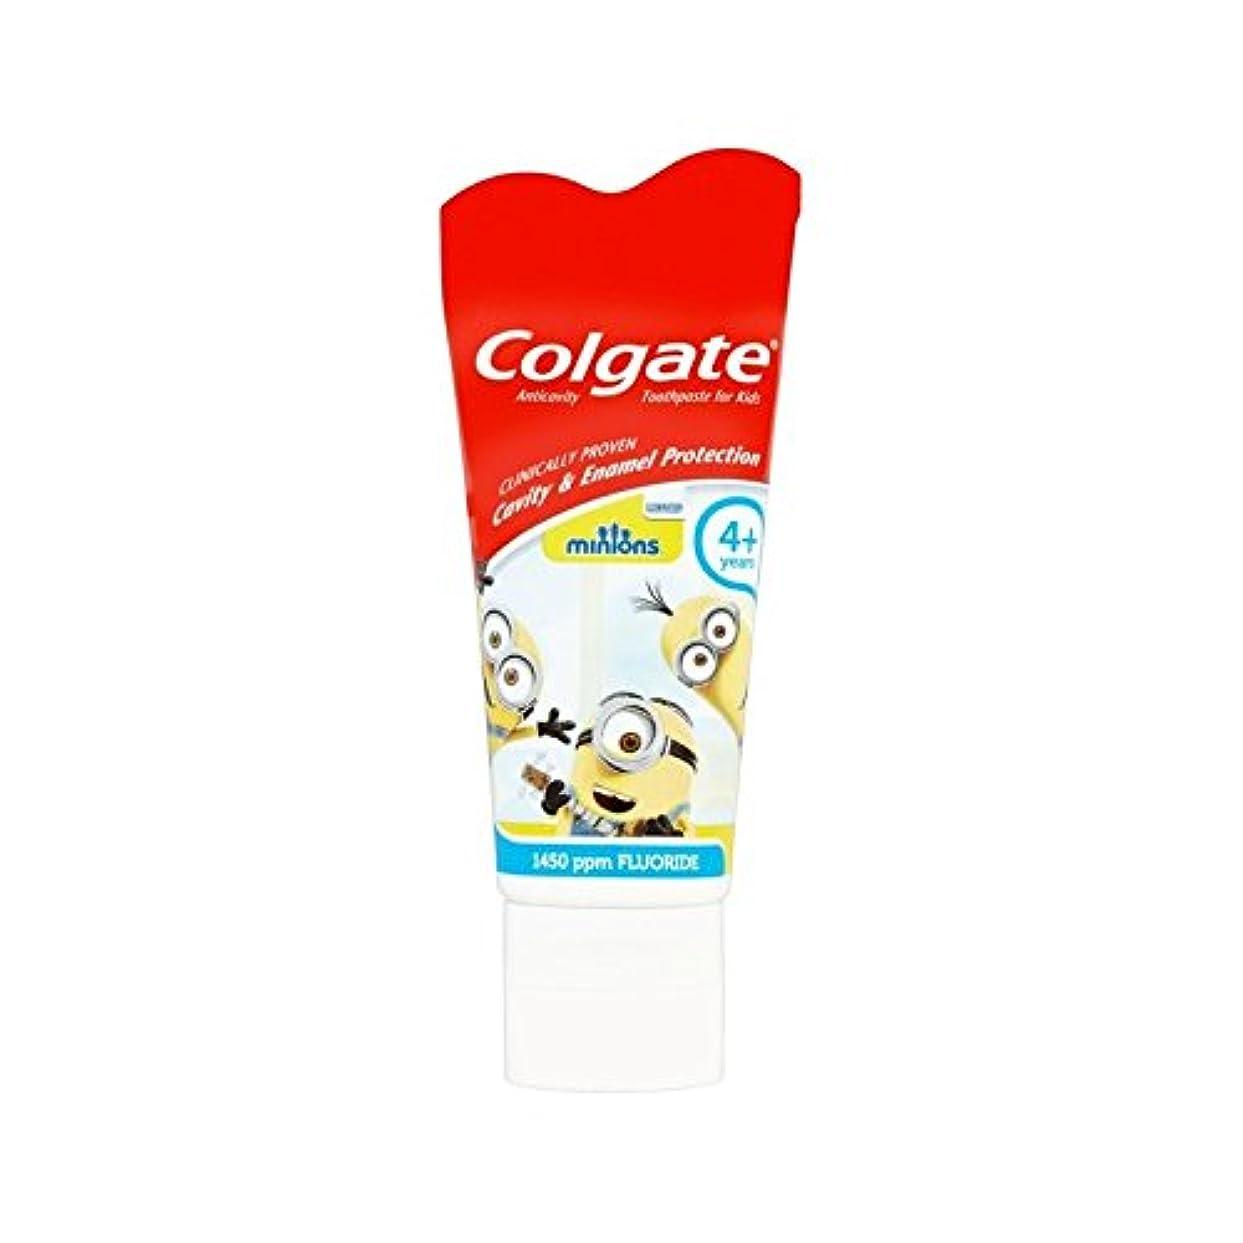 セグメント確立公然と手下の子供4+歯磨き粉50ミリリットル (Colgate) - Colgate Minions Kids 4+ Toothpaste 50ml [並行輸入品]